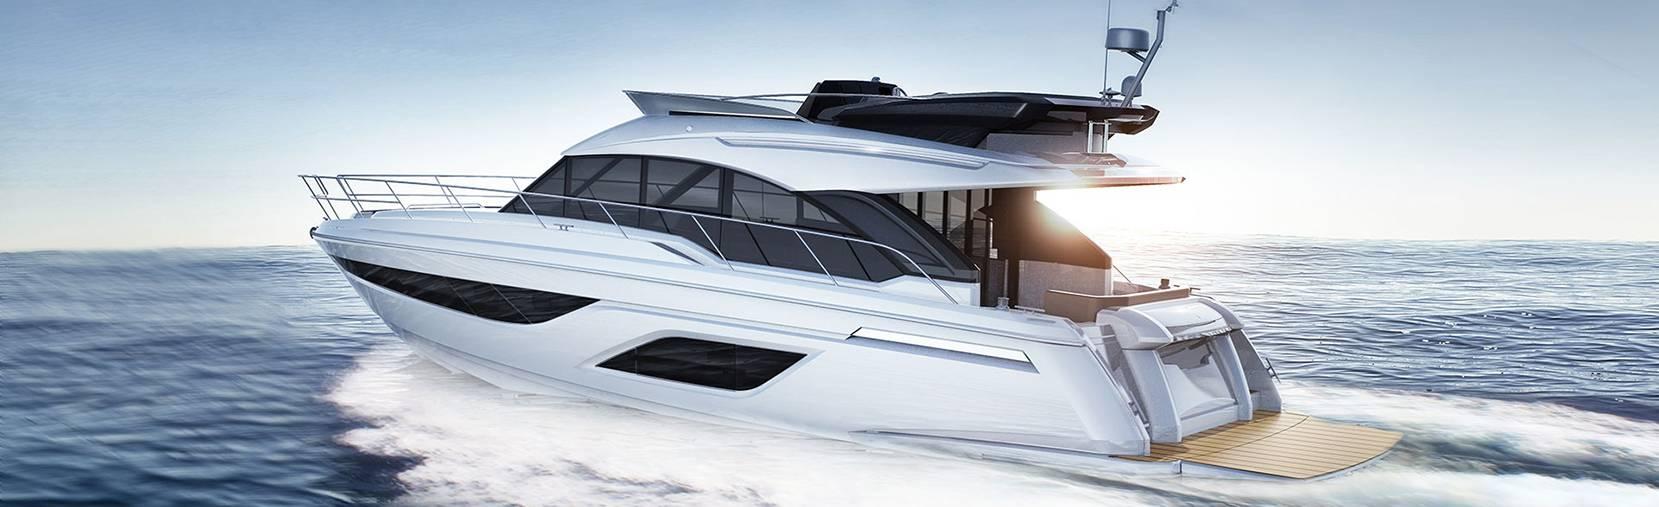 Bavaria R55 boat